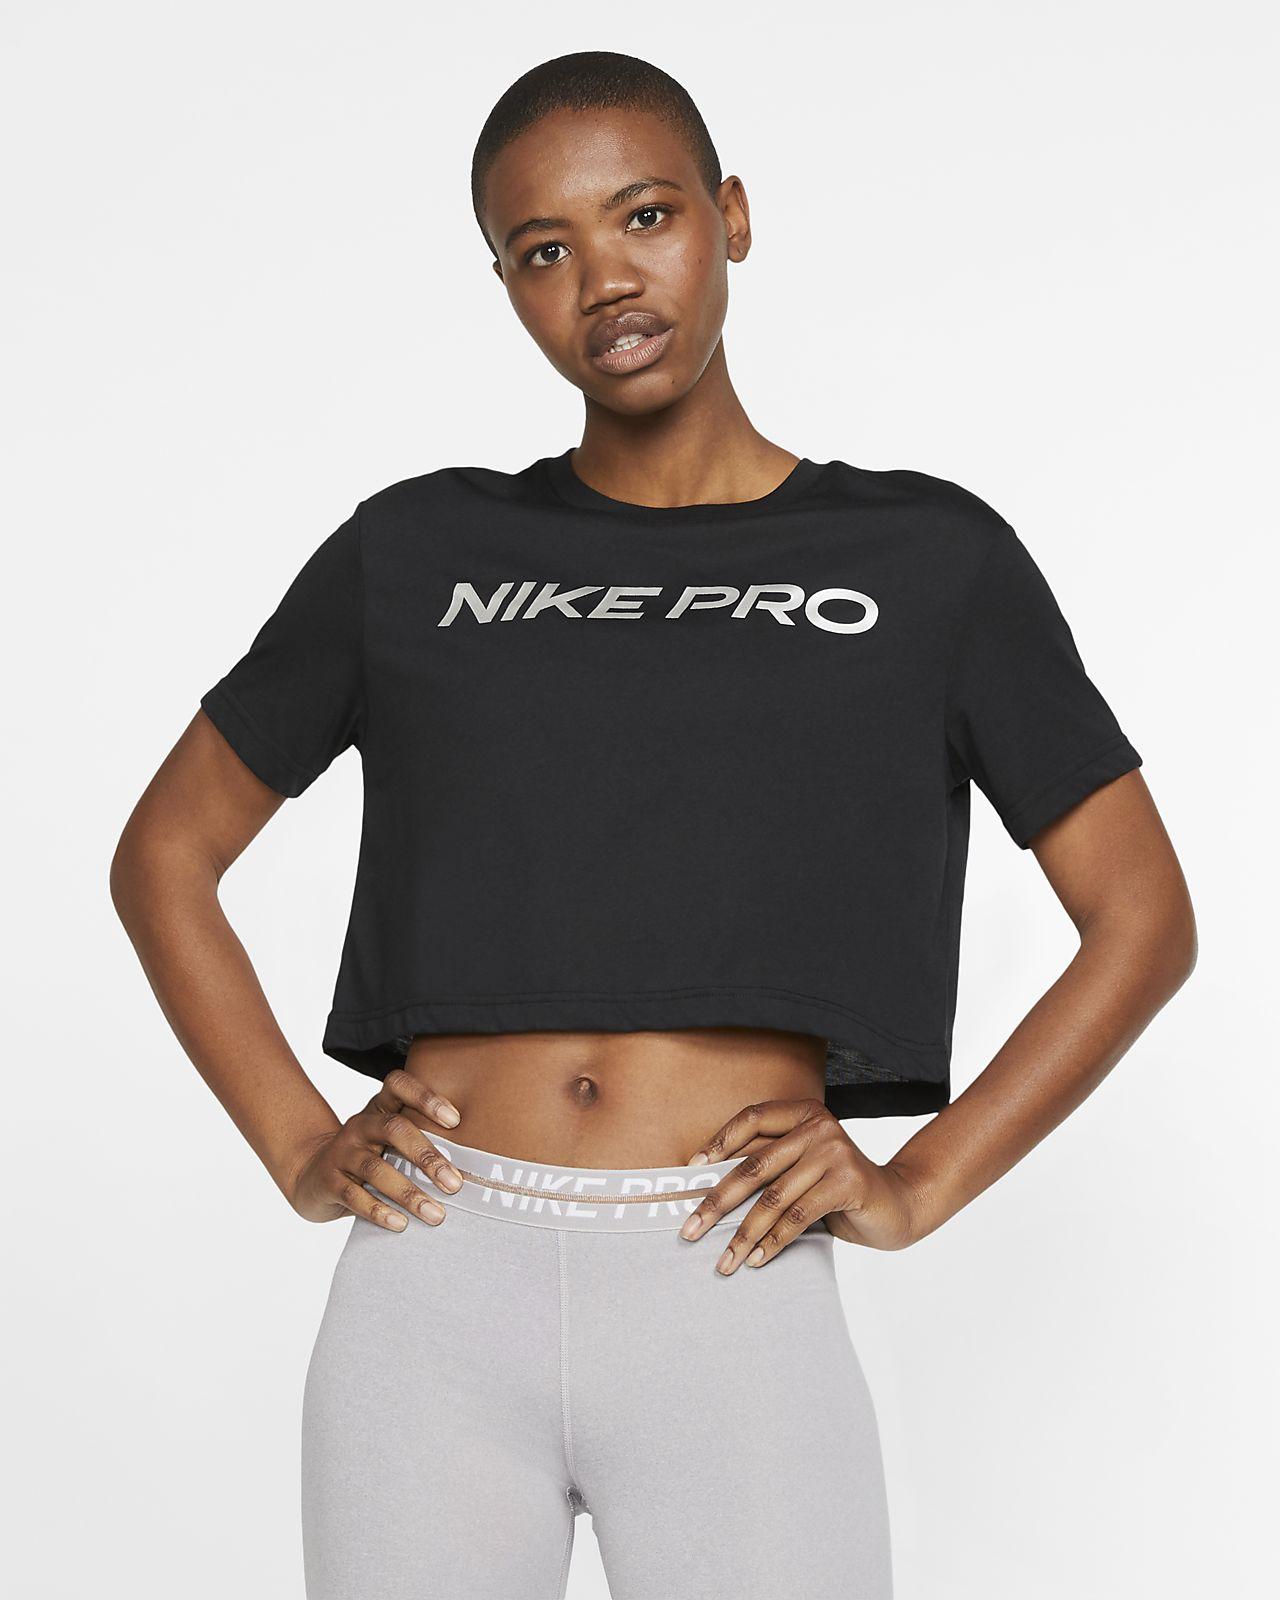 Tränings-t-shirt Nike Dri-FIT för kvinnor